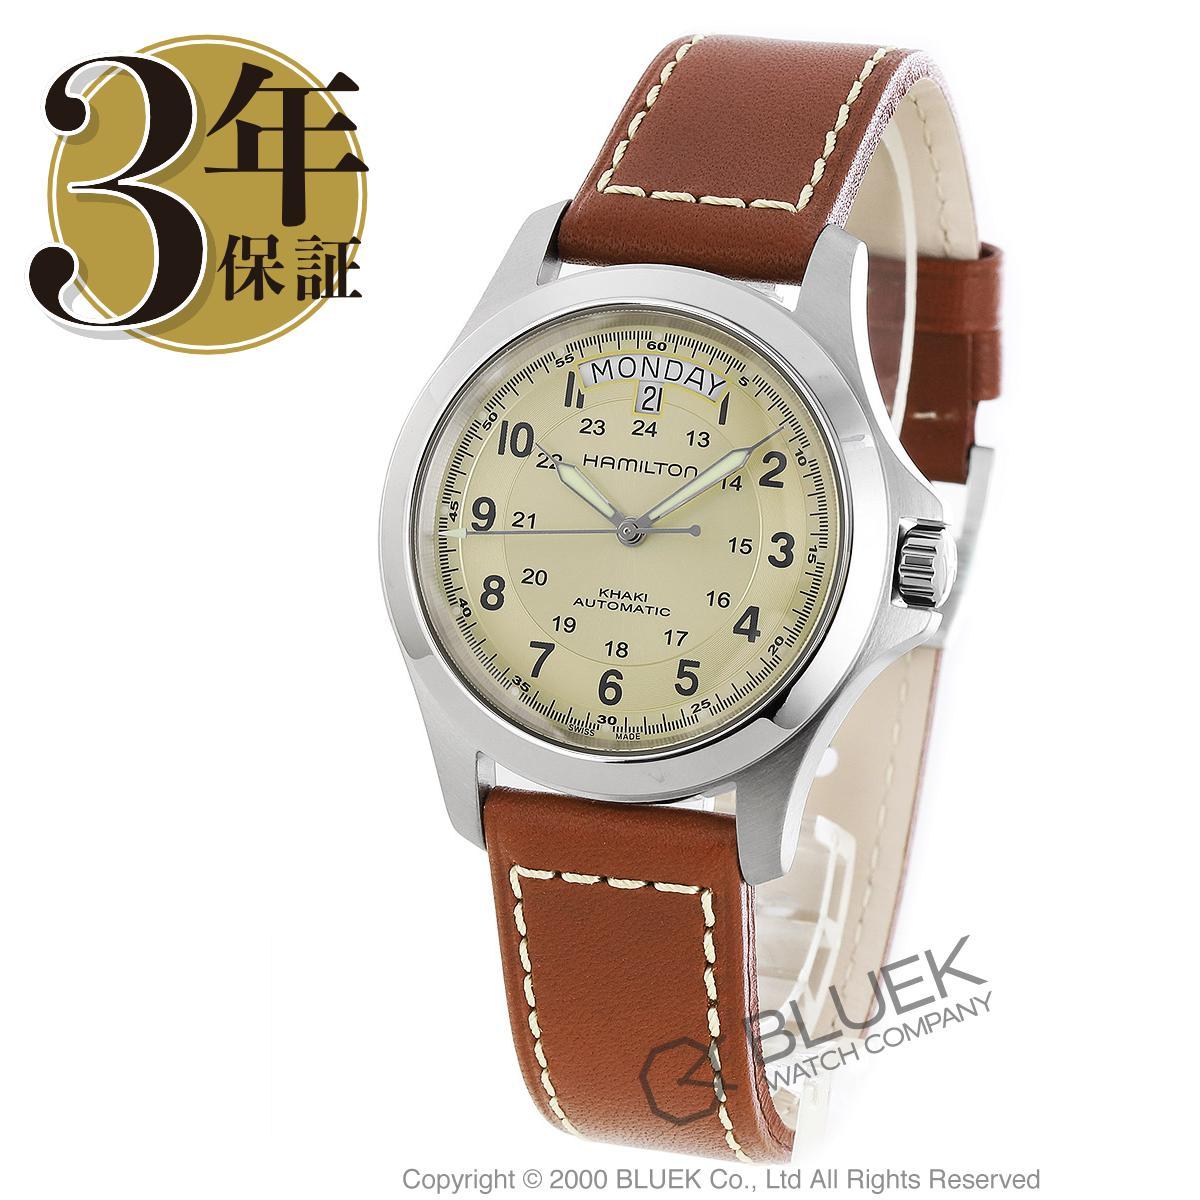 ハミルトン カーキ キング 腕時計 メンズ HAMILTON H64455523_8 バーゲン 成人祝い ギフト プレゼント